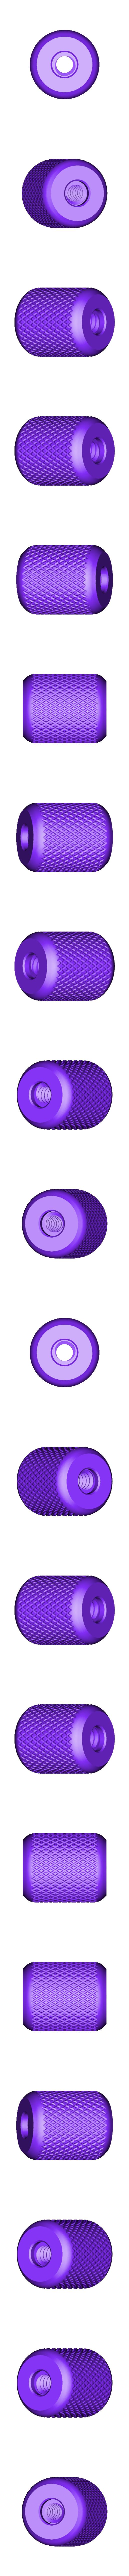 Roller.stl Télécharger fichier STL Duo de rouleaux de massage • Modèle pour impression 3D, a69291954